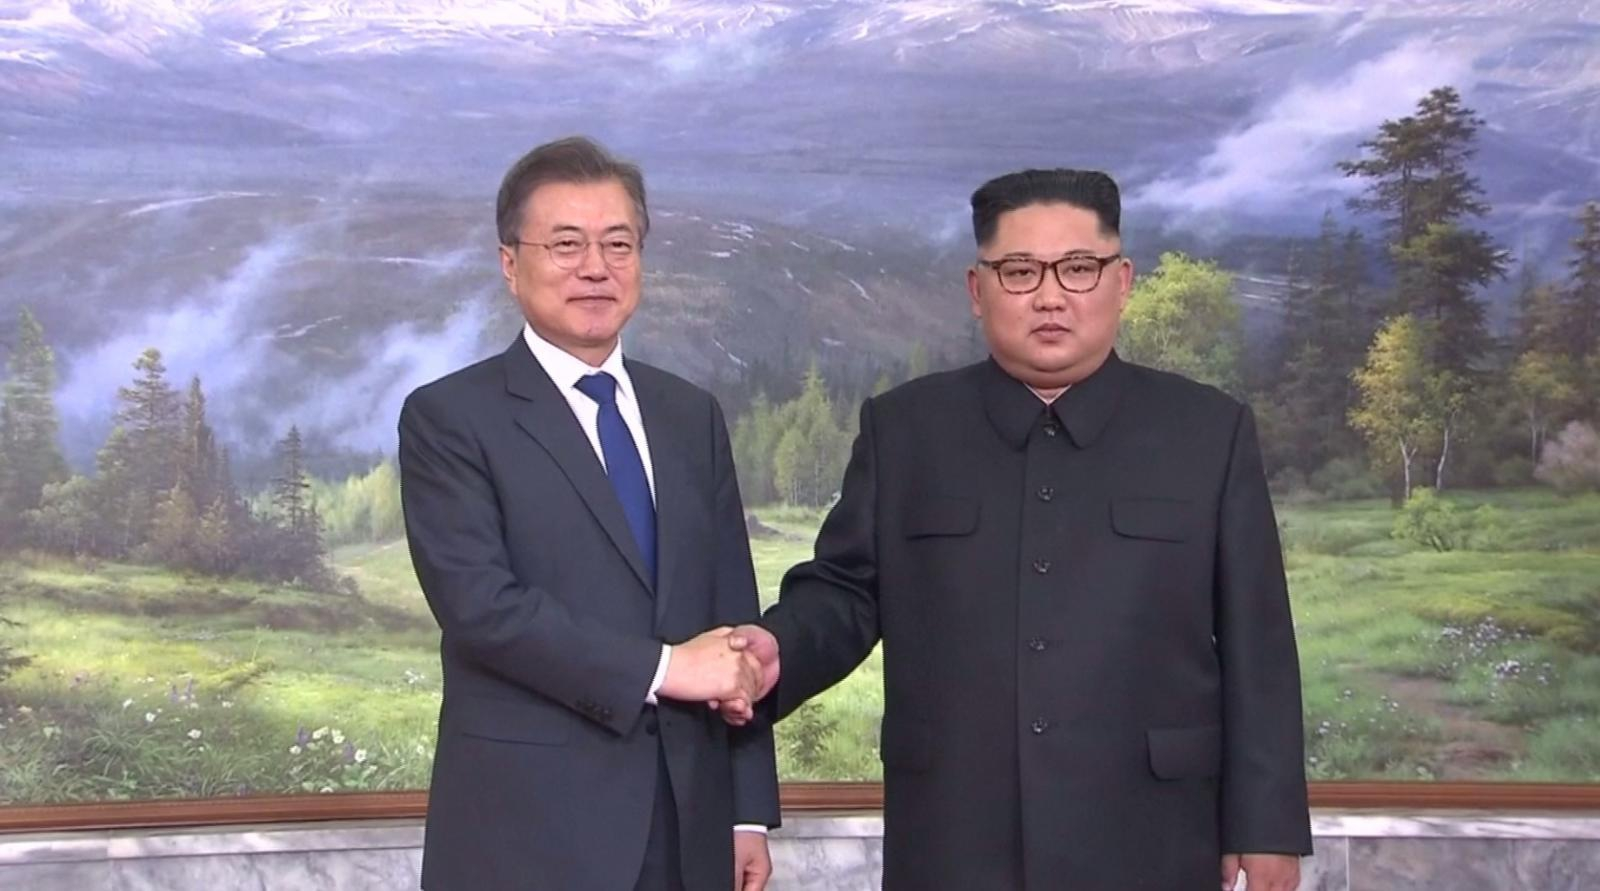 """ผู้นำสองเกาหลีพบกันอีกครั้ง ลุ้นฟื้นแผน """"ทรัมป์"""" พบ """"คิม"""""""